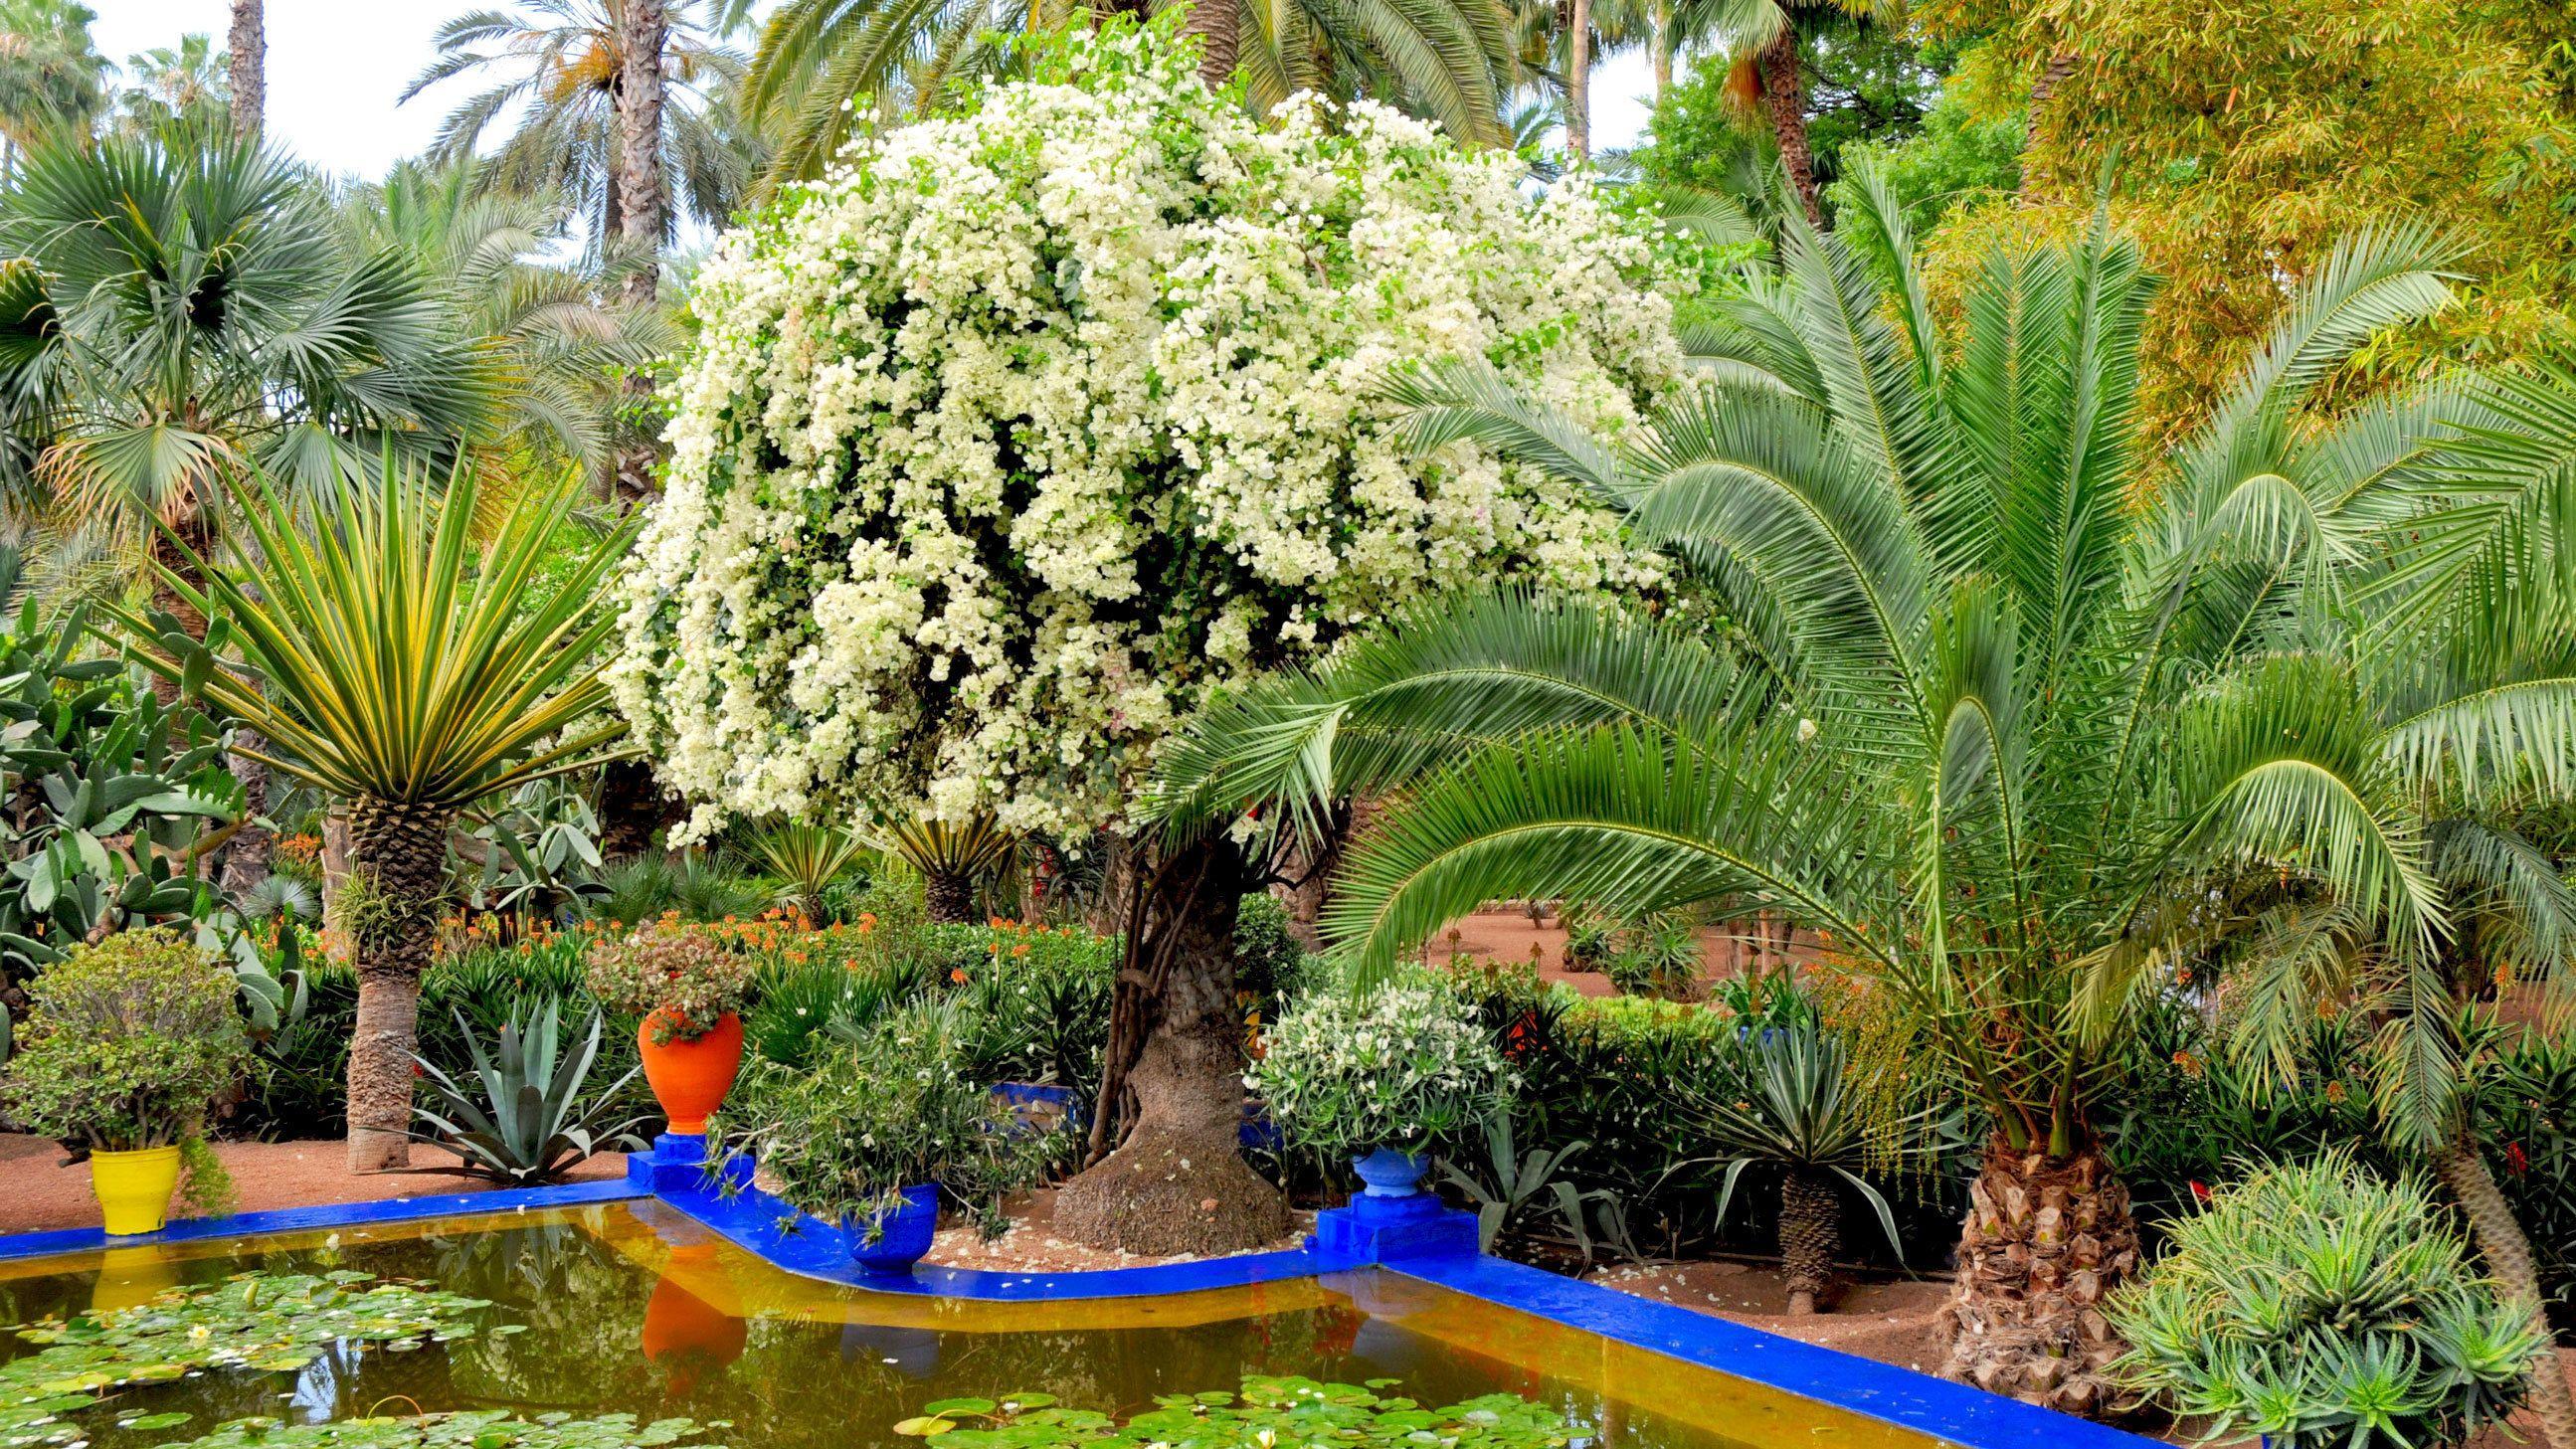 Lush Yves St Laurent's Majorelle Garden in Marrakech